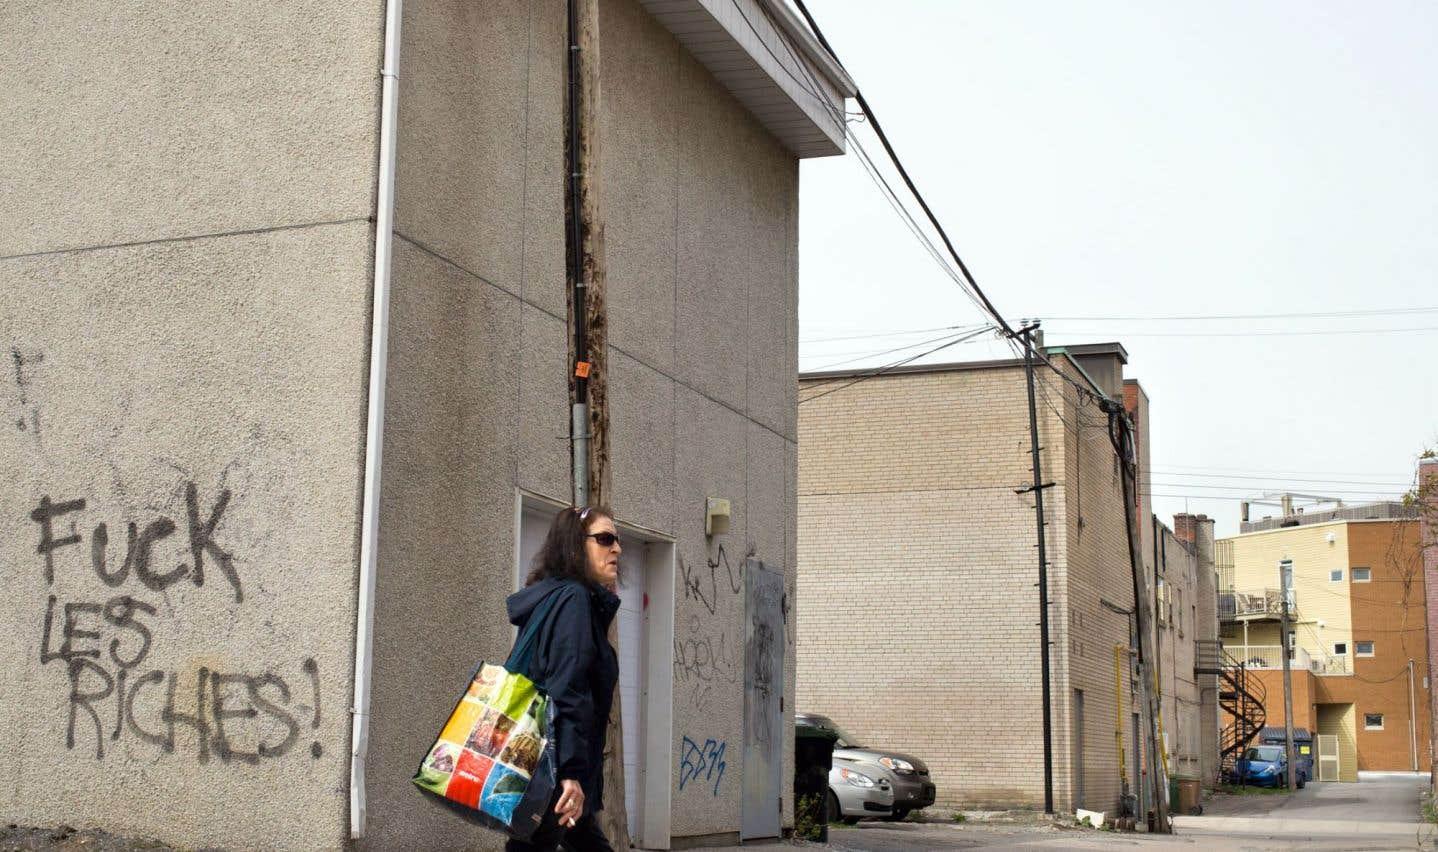 La gentrification n'est pas propre à Hochelaga-Maisonneuve ou à Montréal.